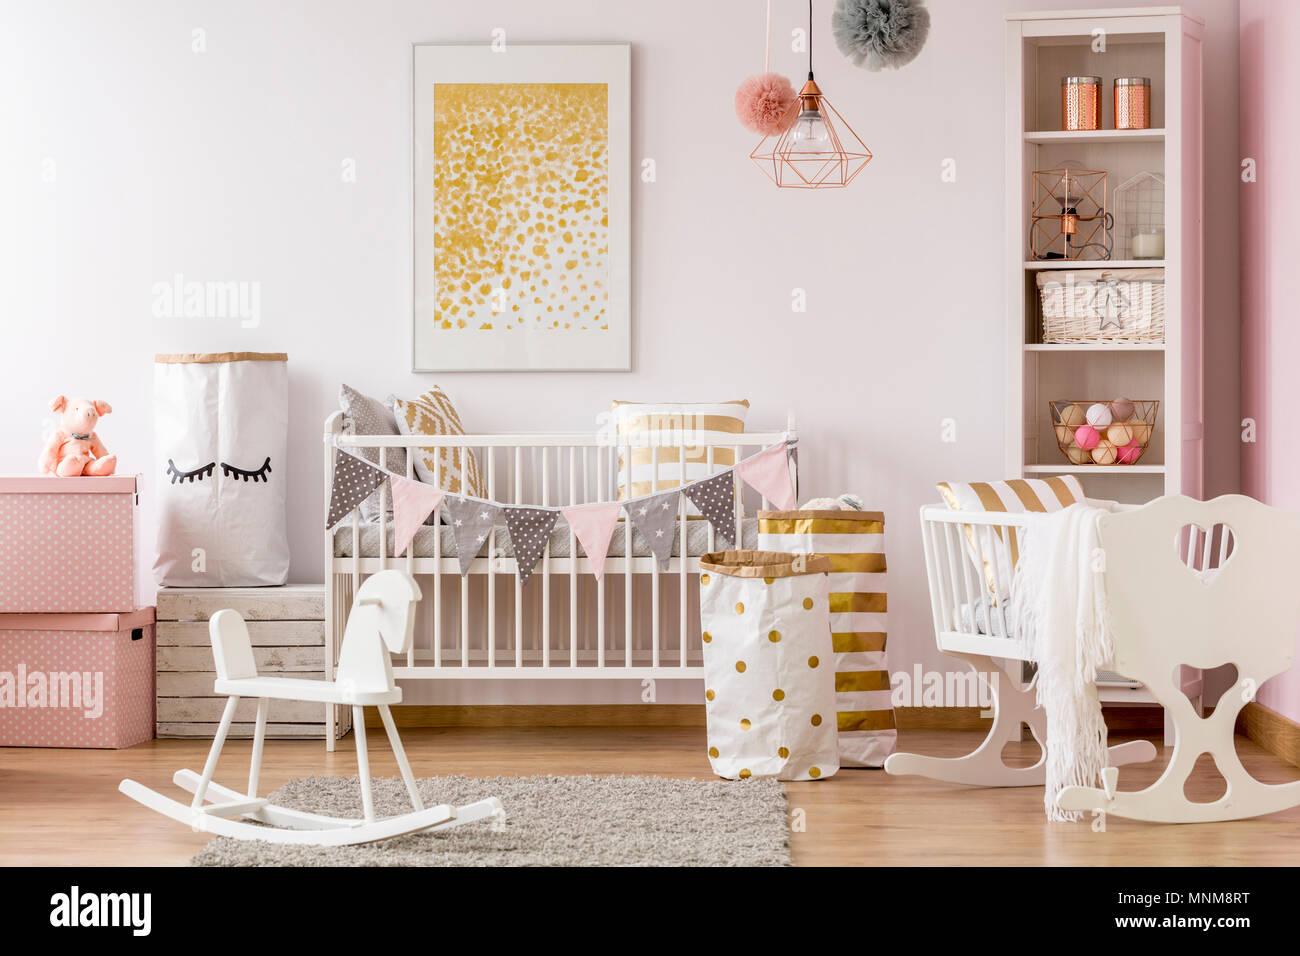 Scandi chambre bébé style blanc avec lit bébé, berceau, Cheval à bascule Banque D'Images